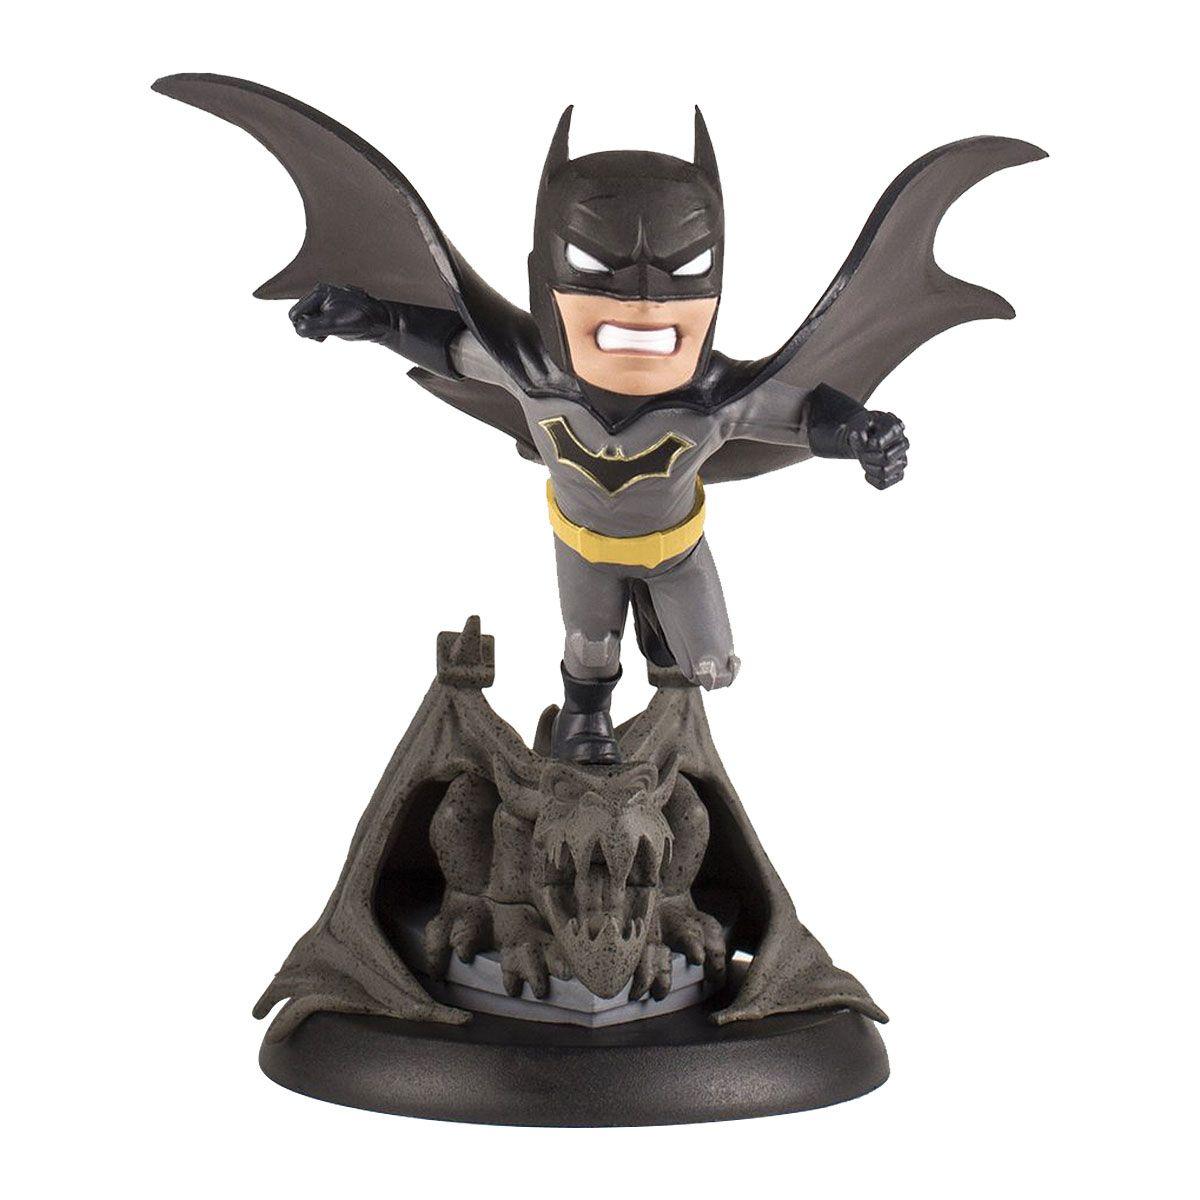 BATMAN REBIRTH QFIG  - DC COMICS   - Quantum Mechanix